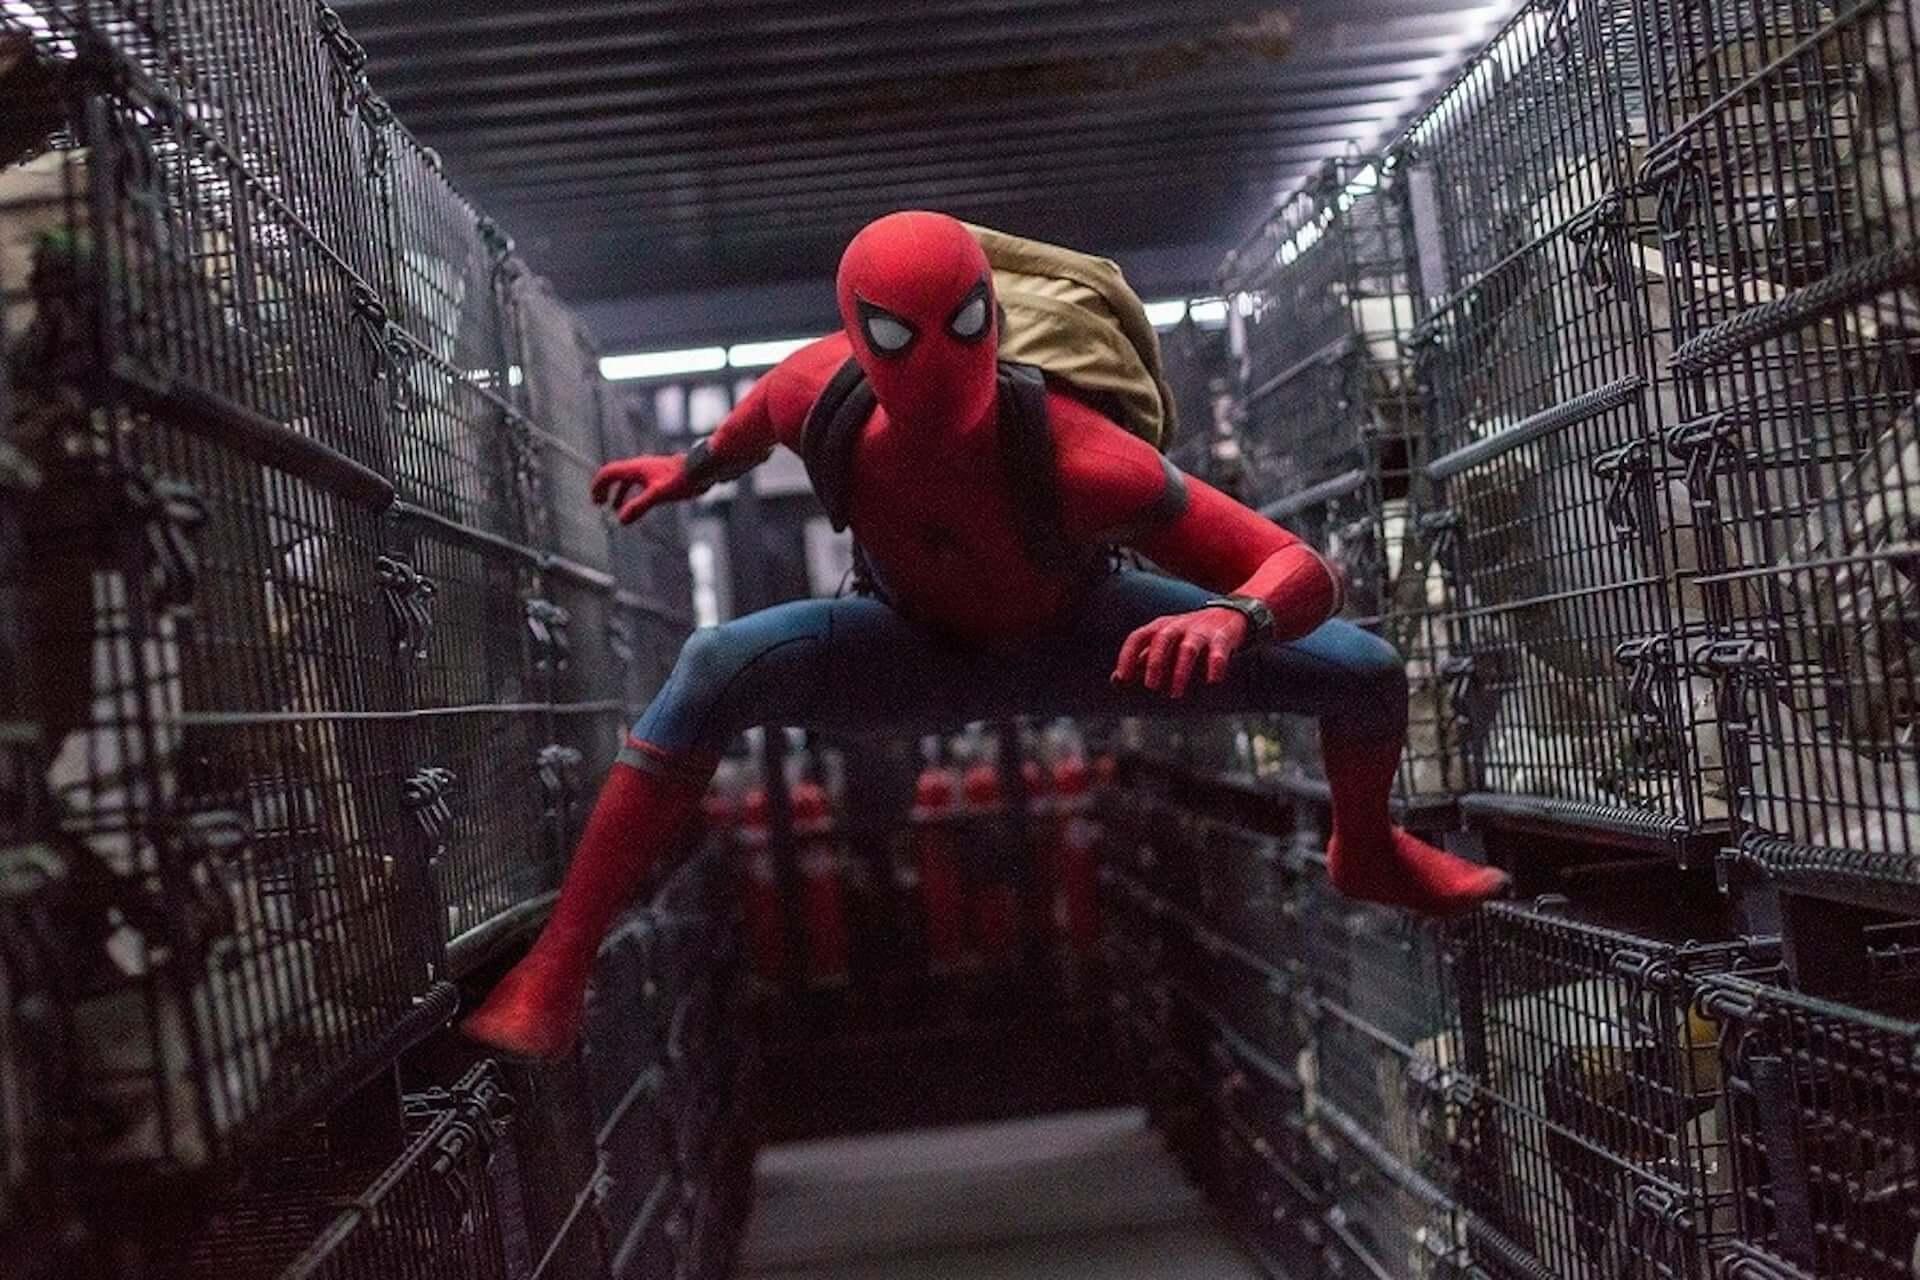 帰ってきて、スパイダーマン!MCU残留を願う請願書がネットで発足 film190822_spiderman_petition_main-1920x1280